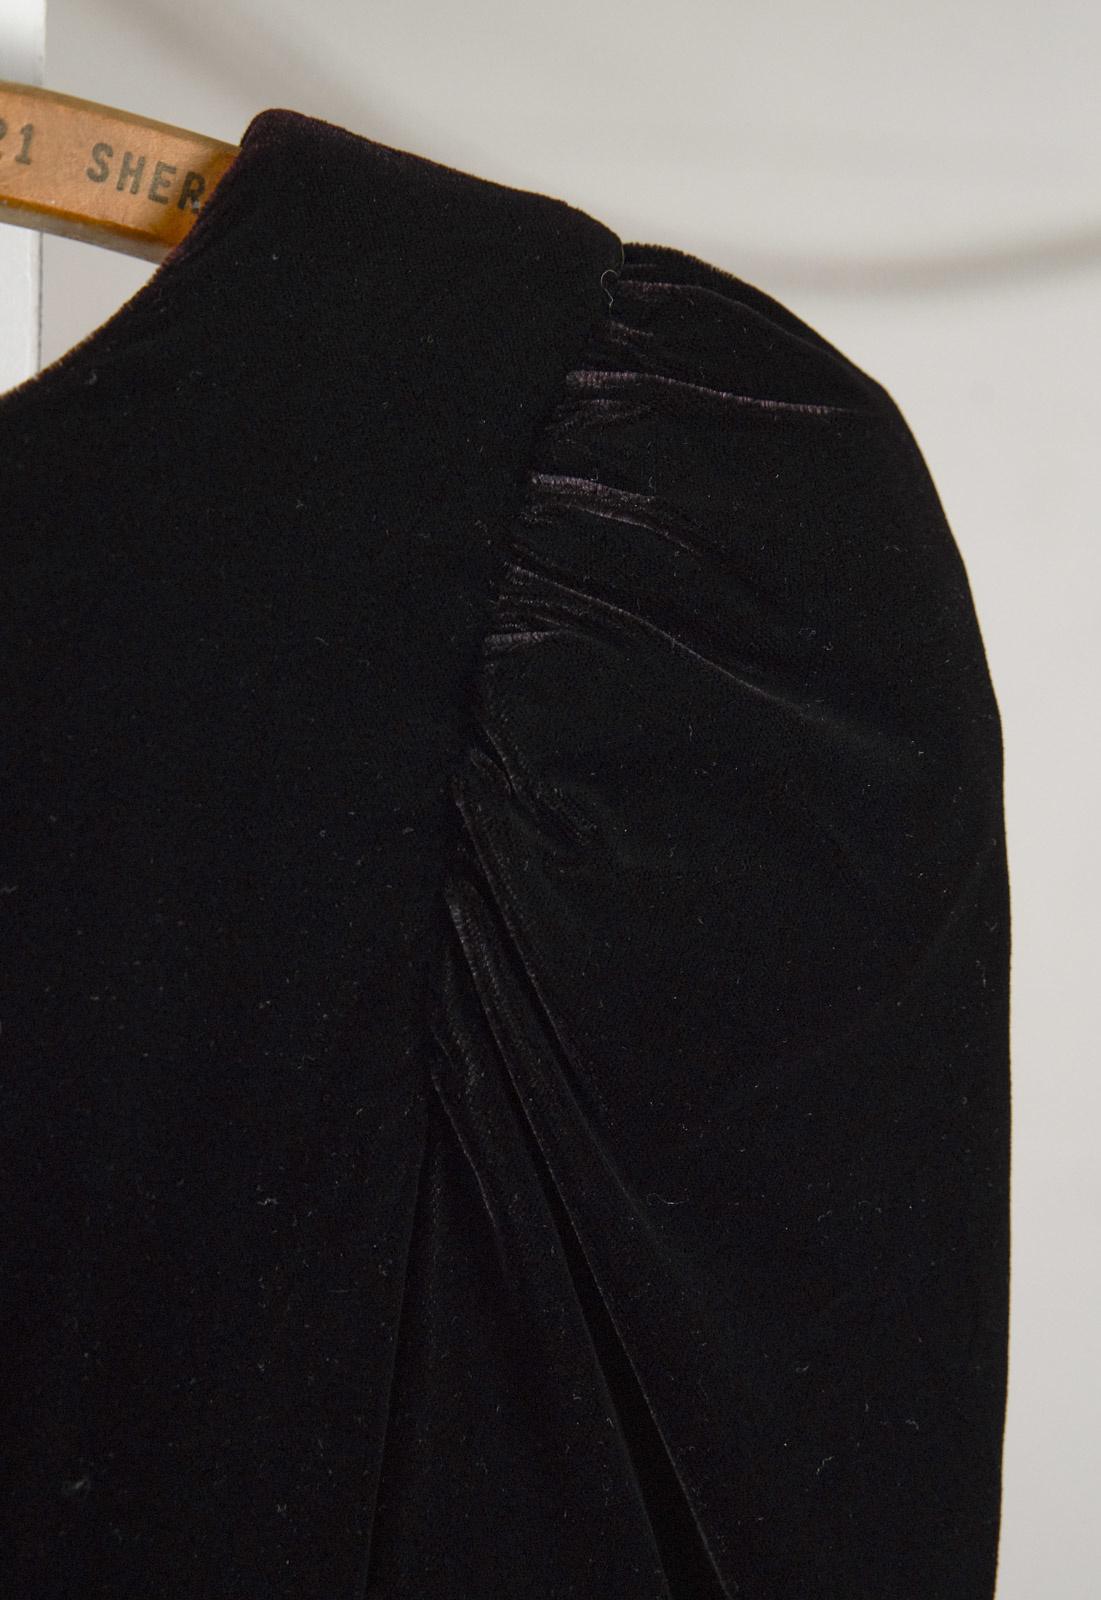 Robe en velours noir avec jupe noir et blanc